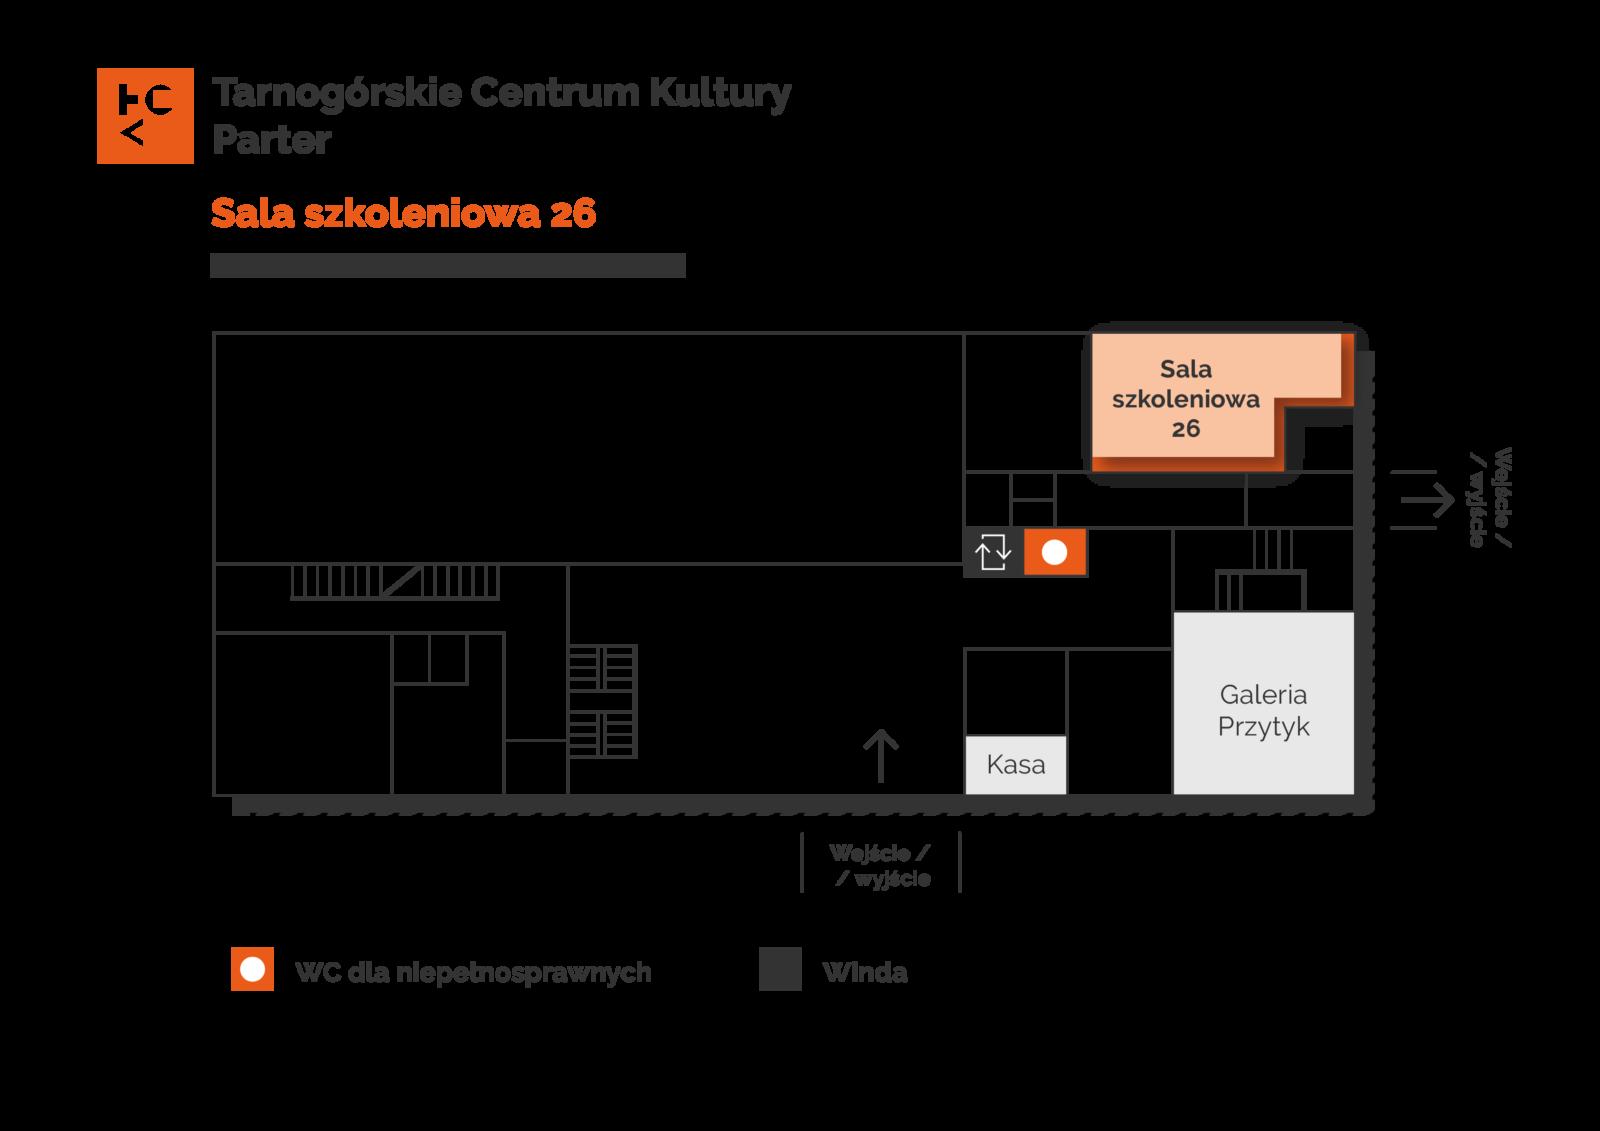 Grafika przedstawia plan parteru budynku TCK z zaznaczeniem sali szkoleniowej